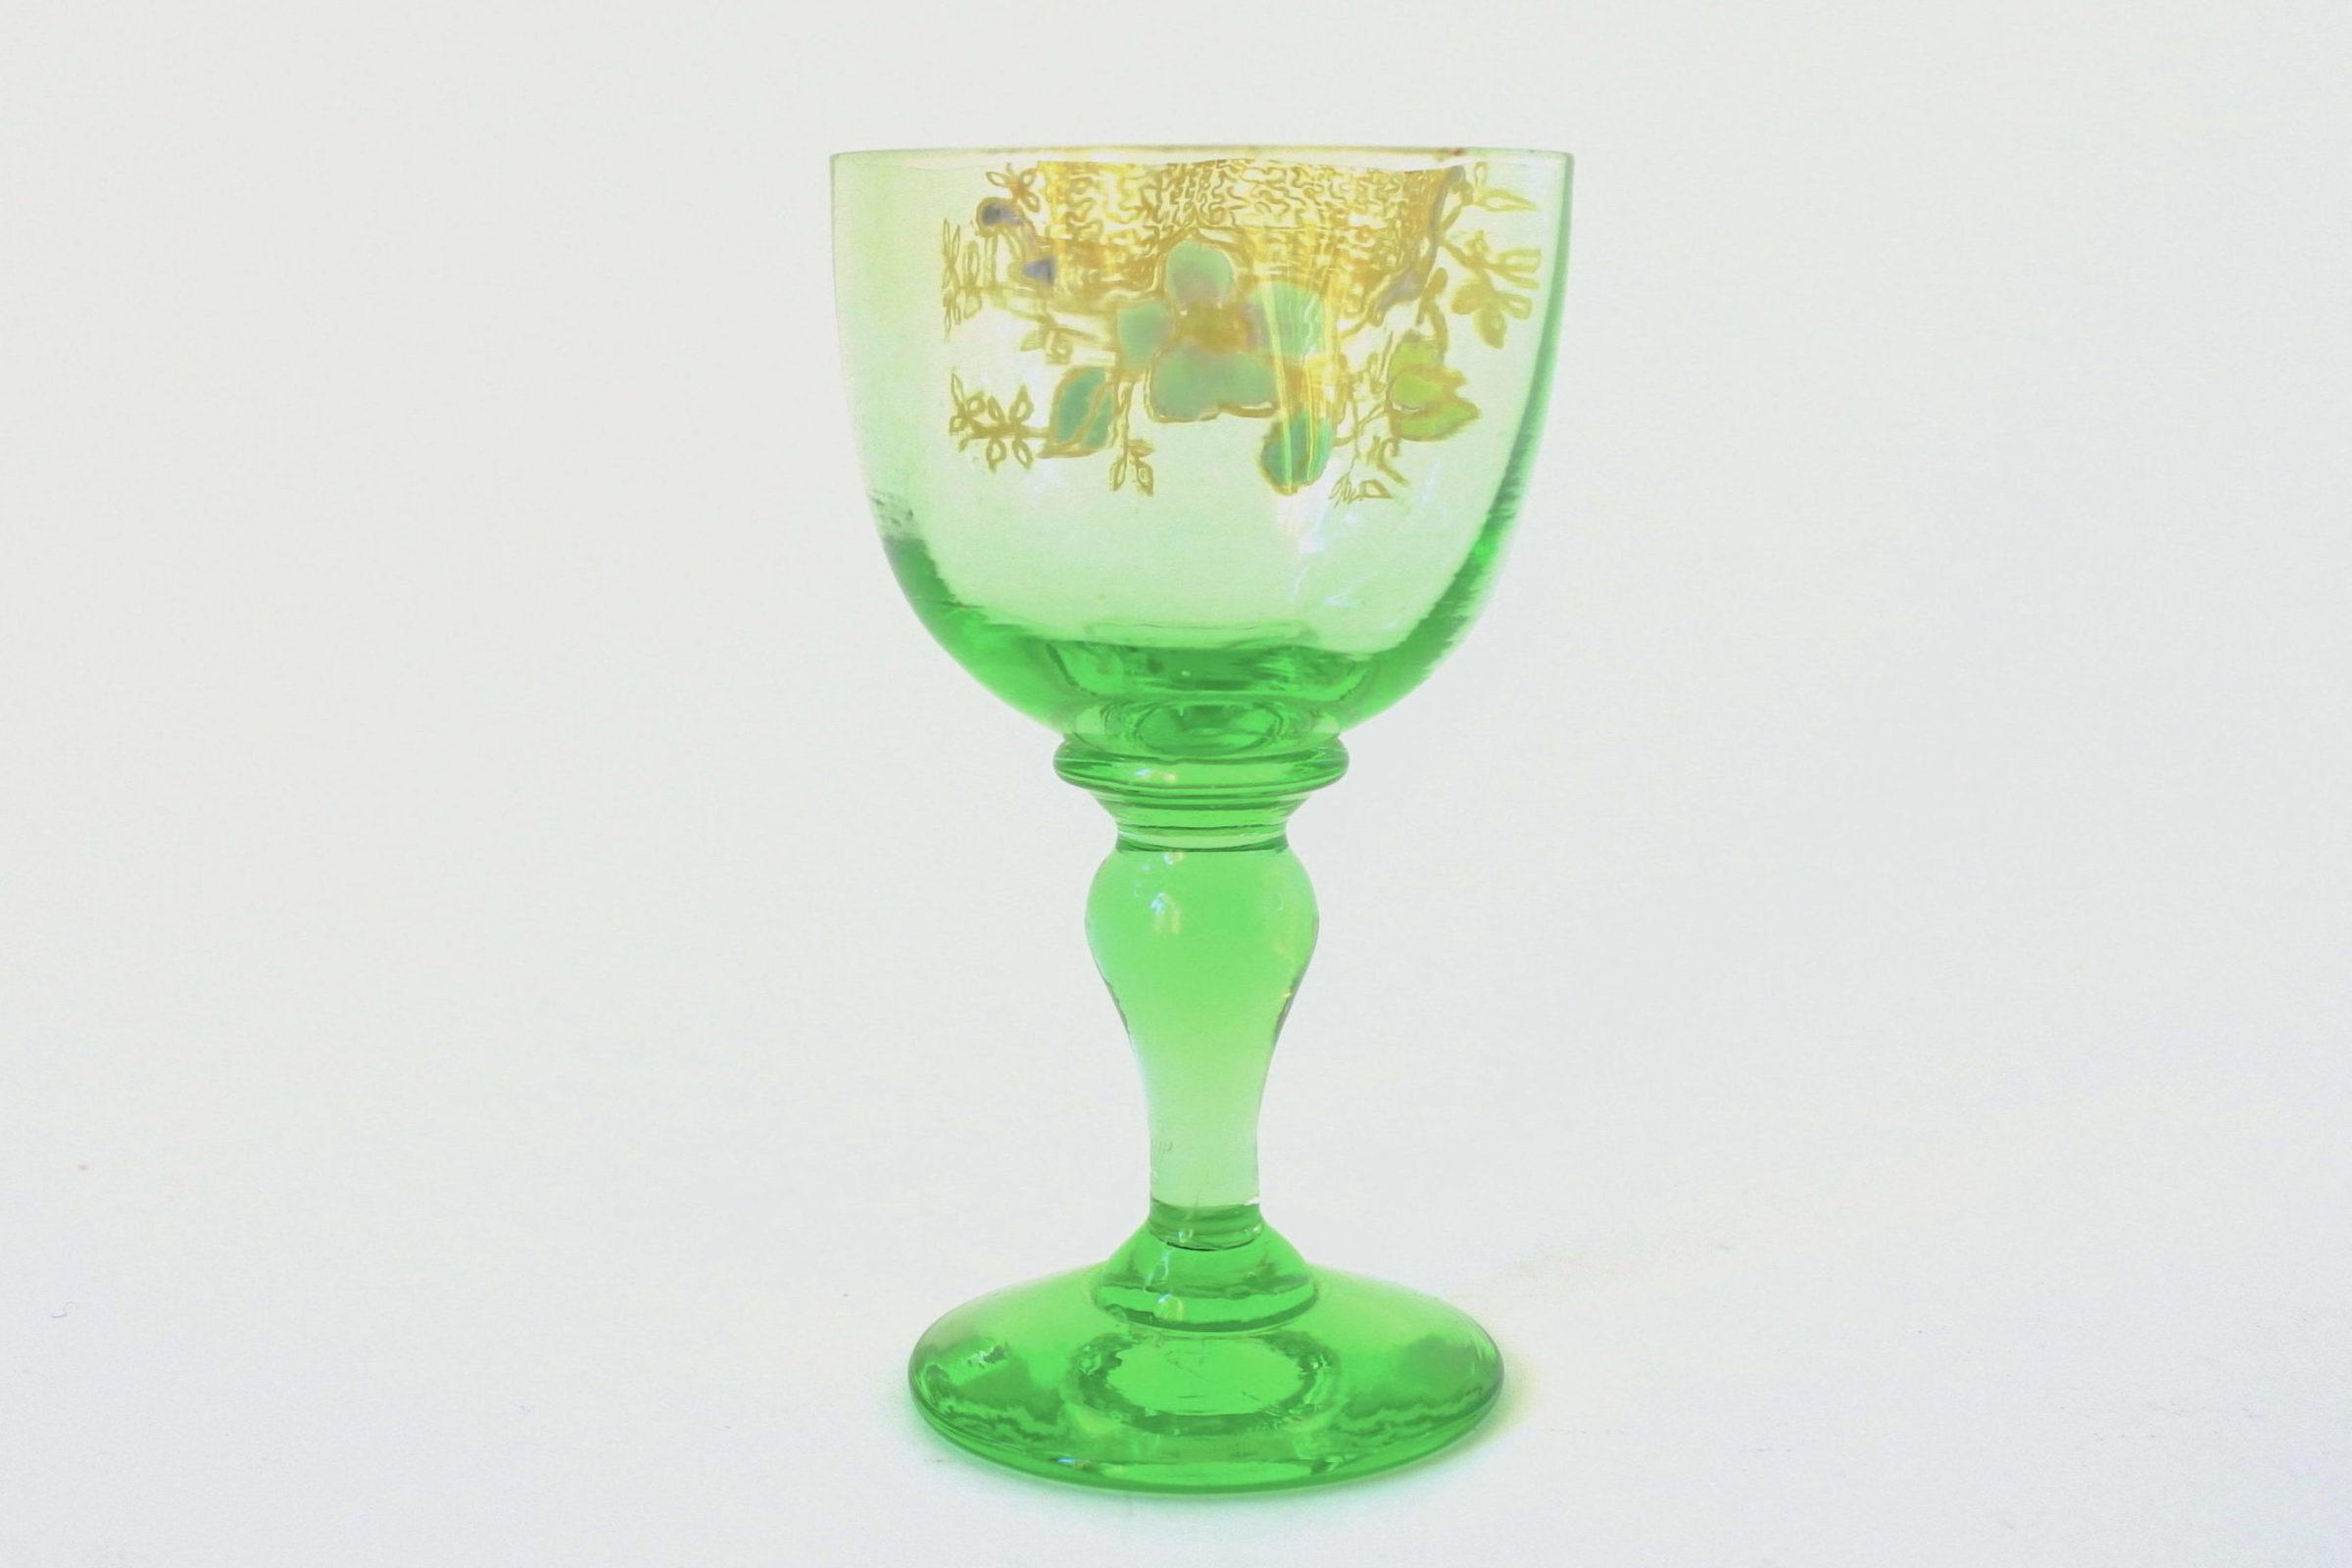 Bicchierino Legras in vetro soffiato verde e smalti - Altezza 7,8 cm - 2